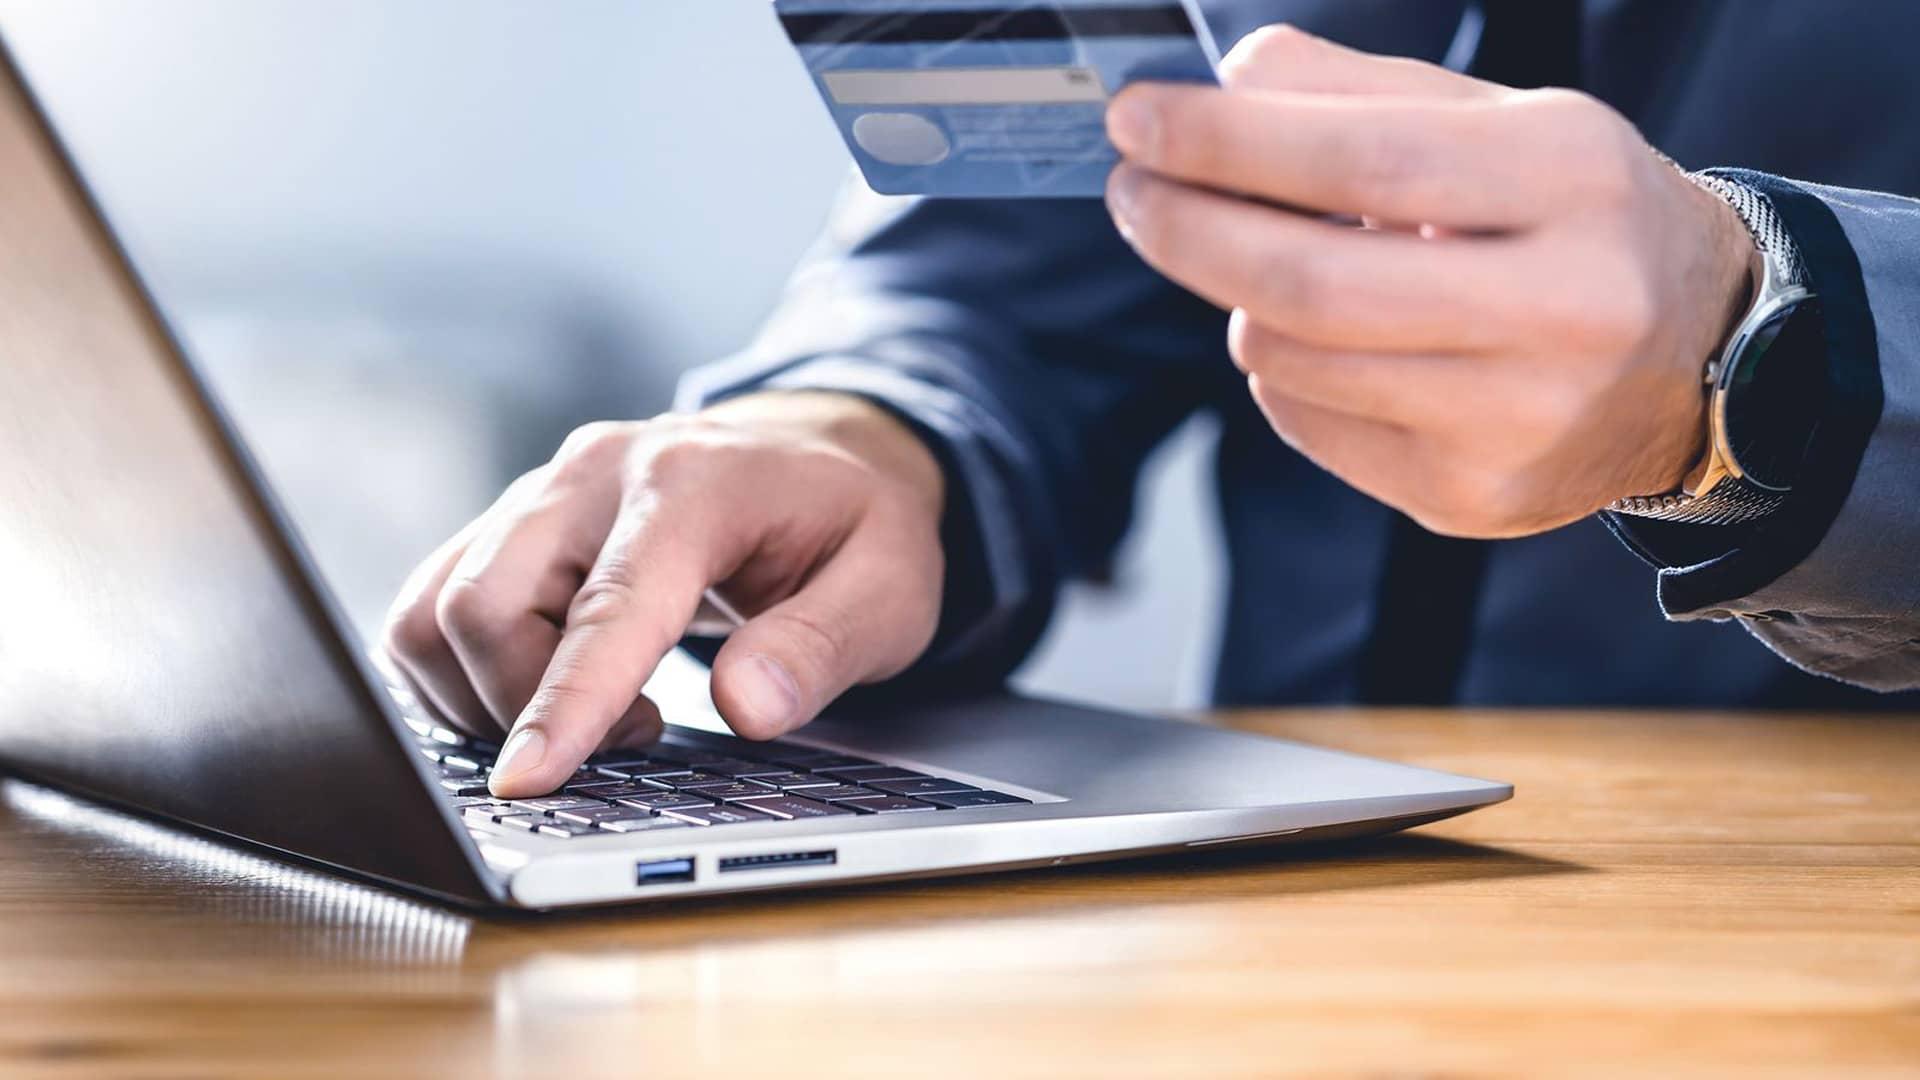 Transferencia Liberbank: cuánto tarda, límites, comisiones y anulación